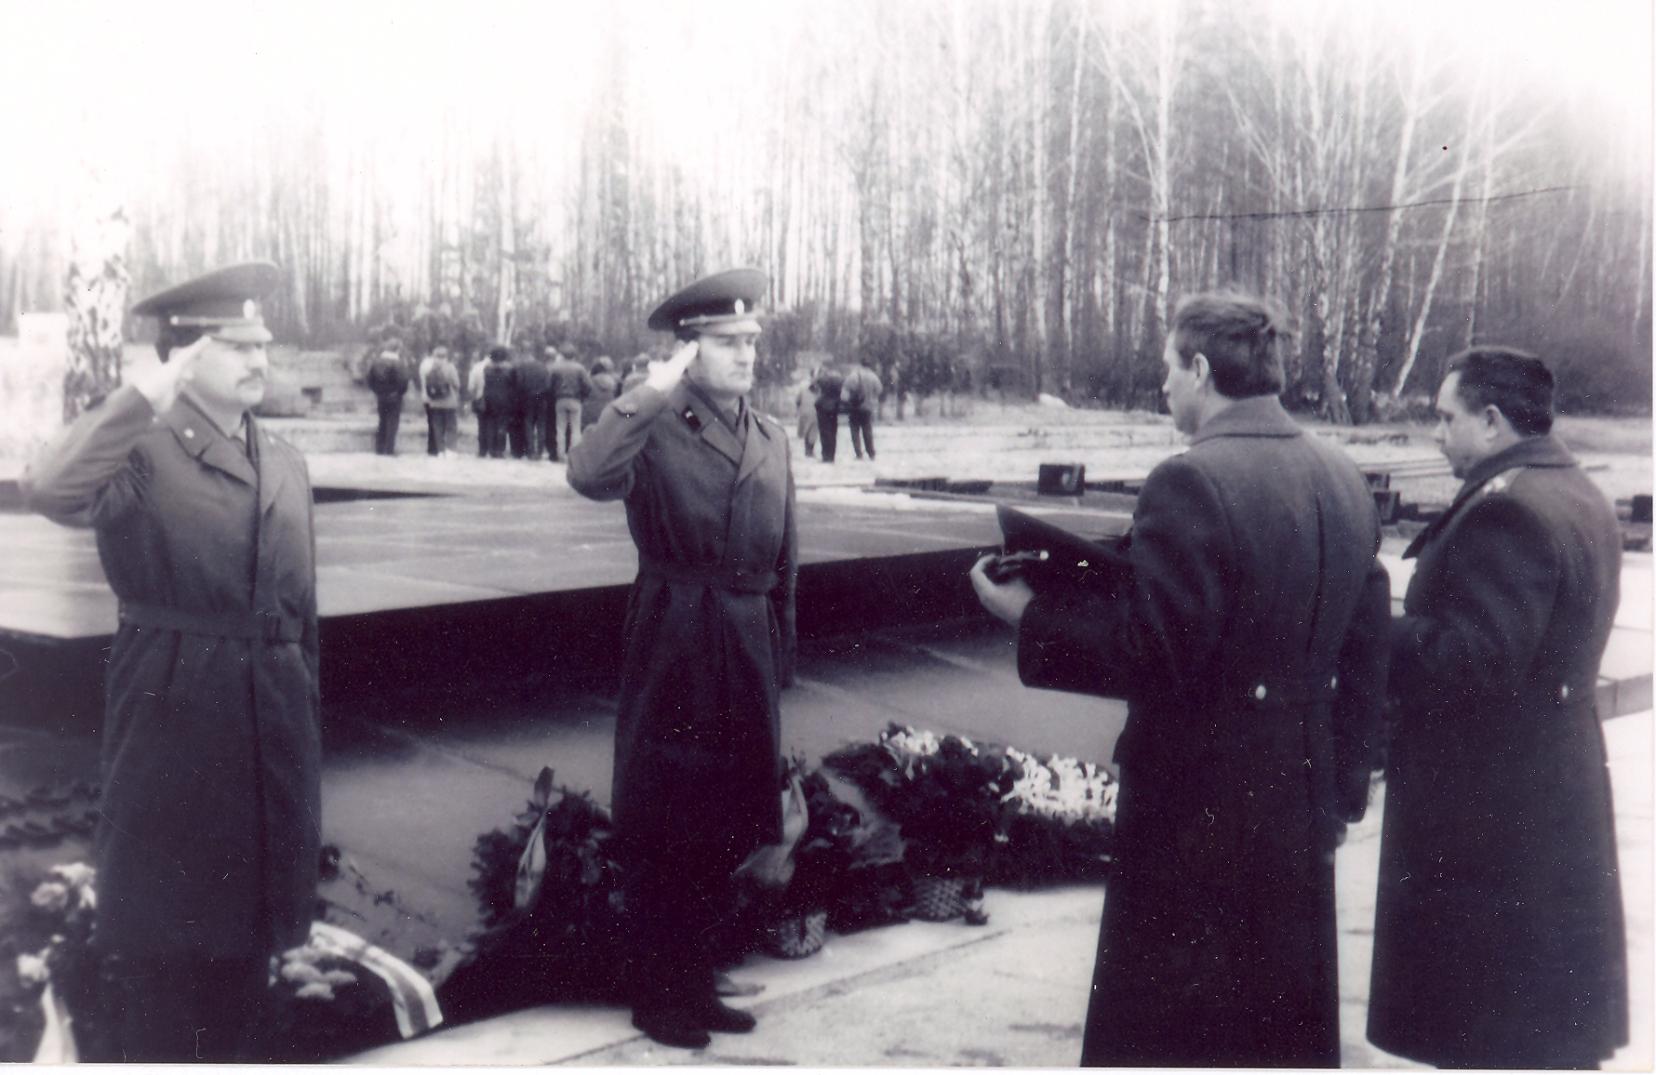 Ускладанне вянкоў у Хатыні з нагоды 50-годдзя трагедыі. 1993 год.